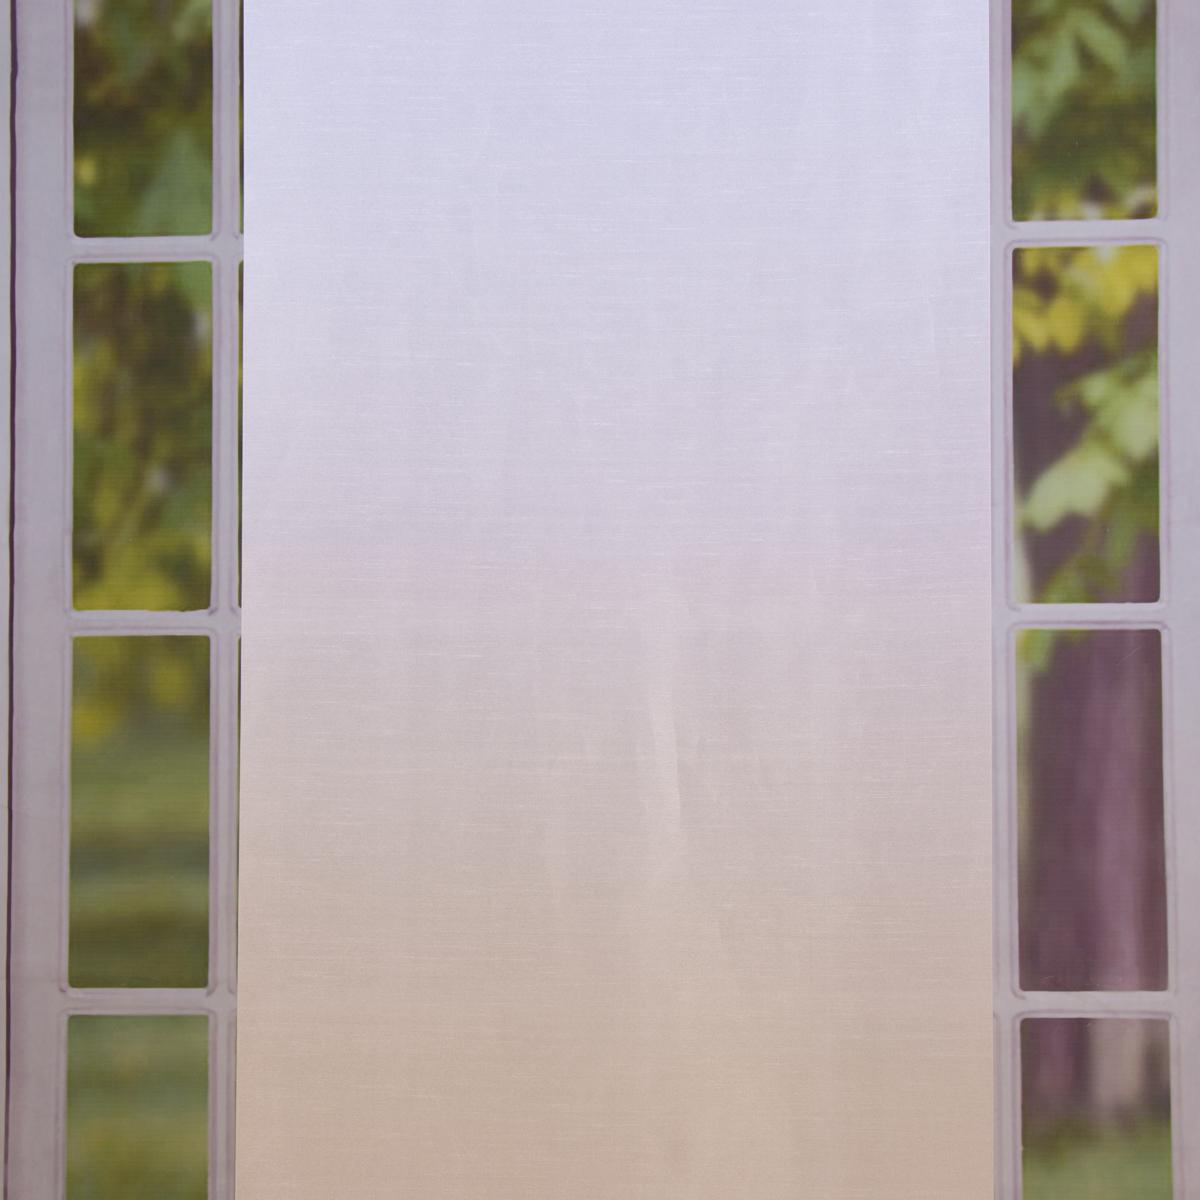 Schiebevorhang Flächenvorhang Flächenschal Digitaldruck 60x245cm Madrid sand